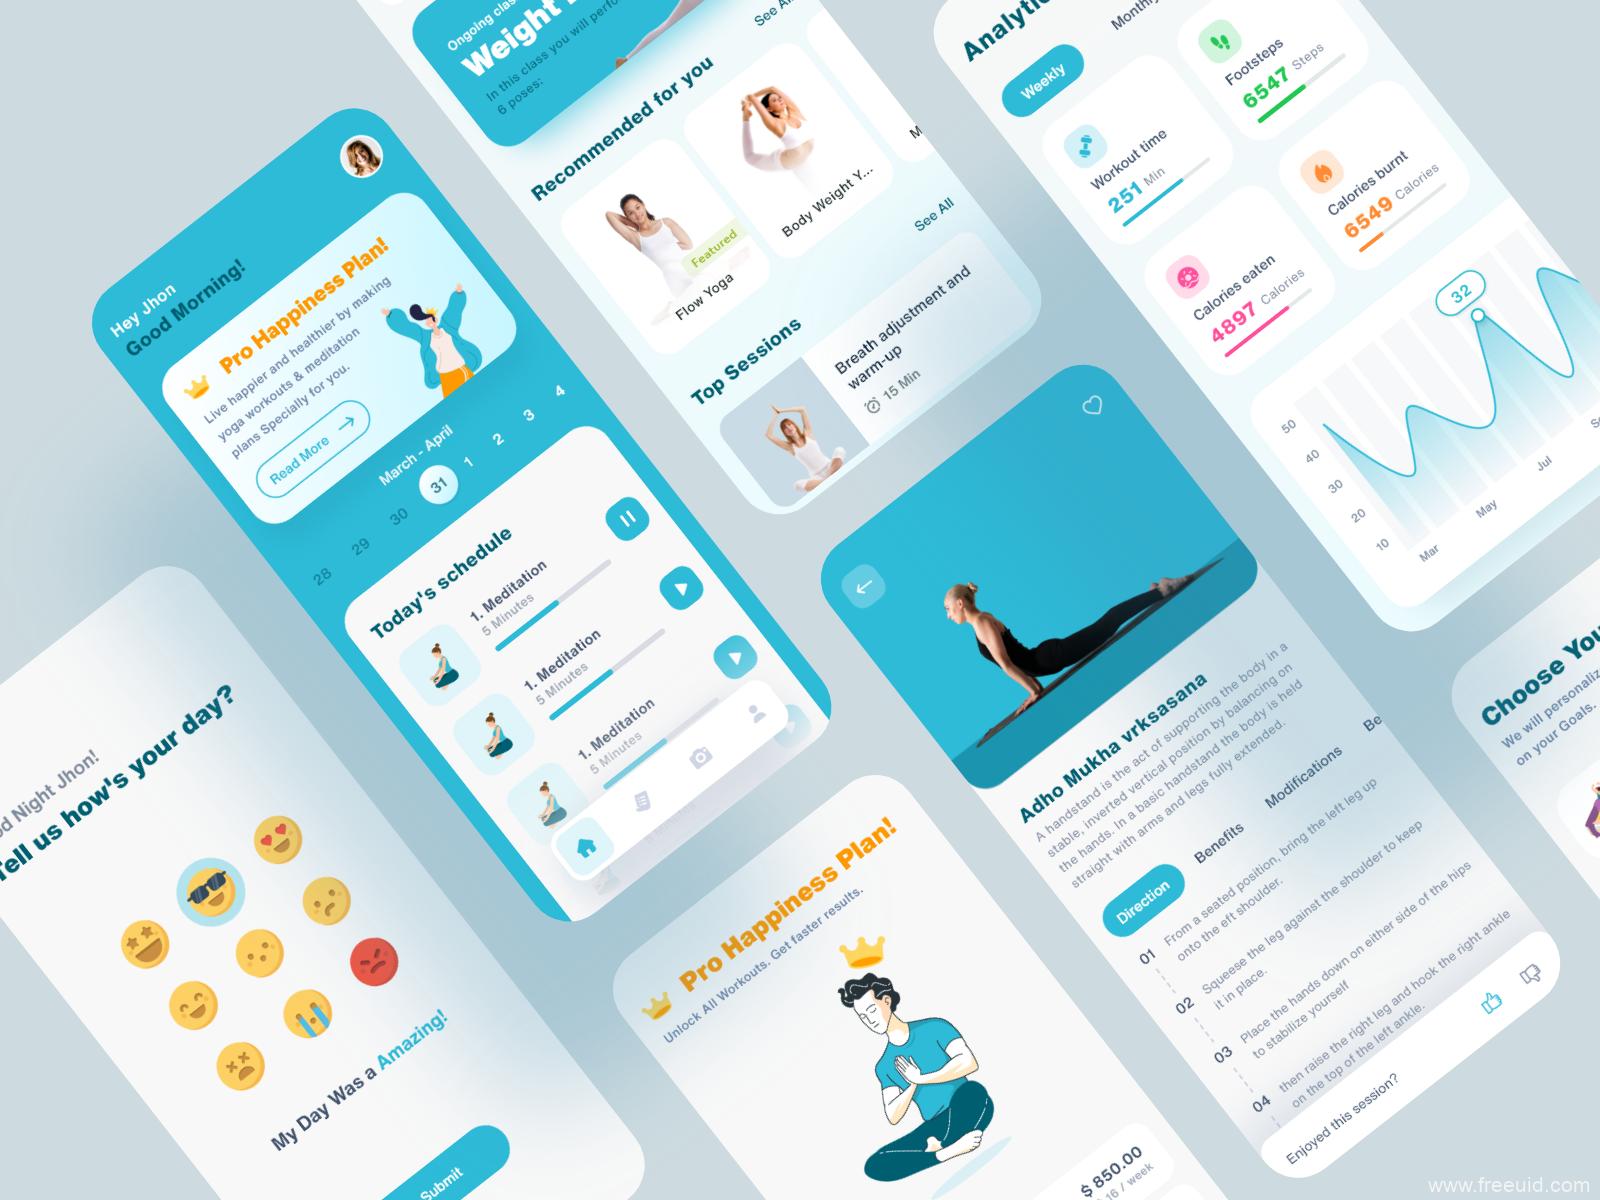 2020年最新瑜伽健身APP UI设计源文件,瑜伽健身APP UI资源,xd源文件下载